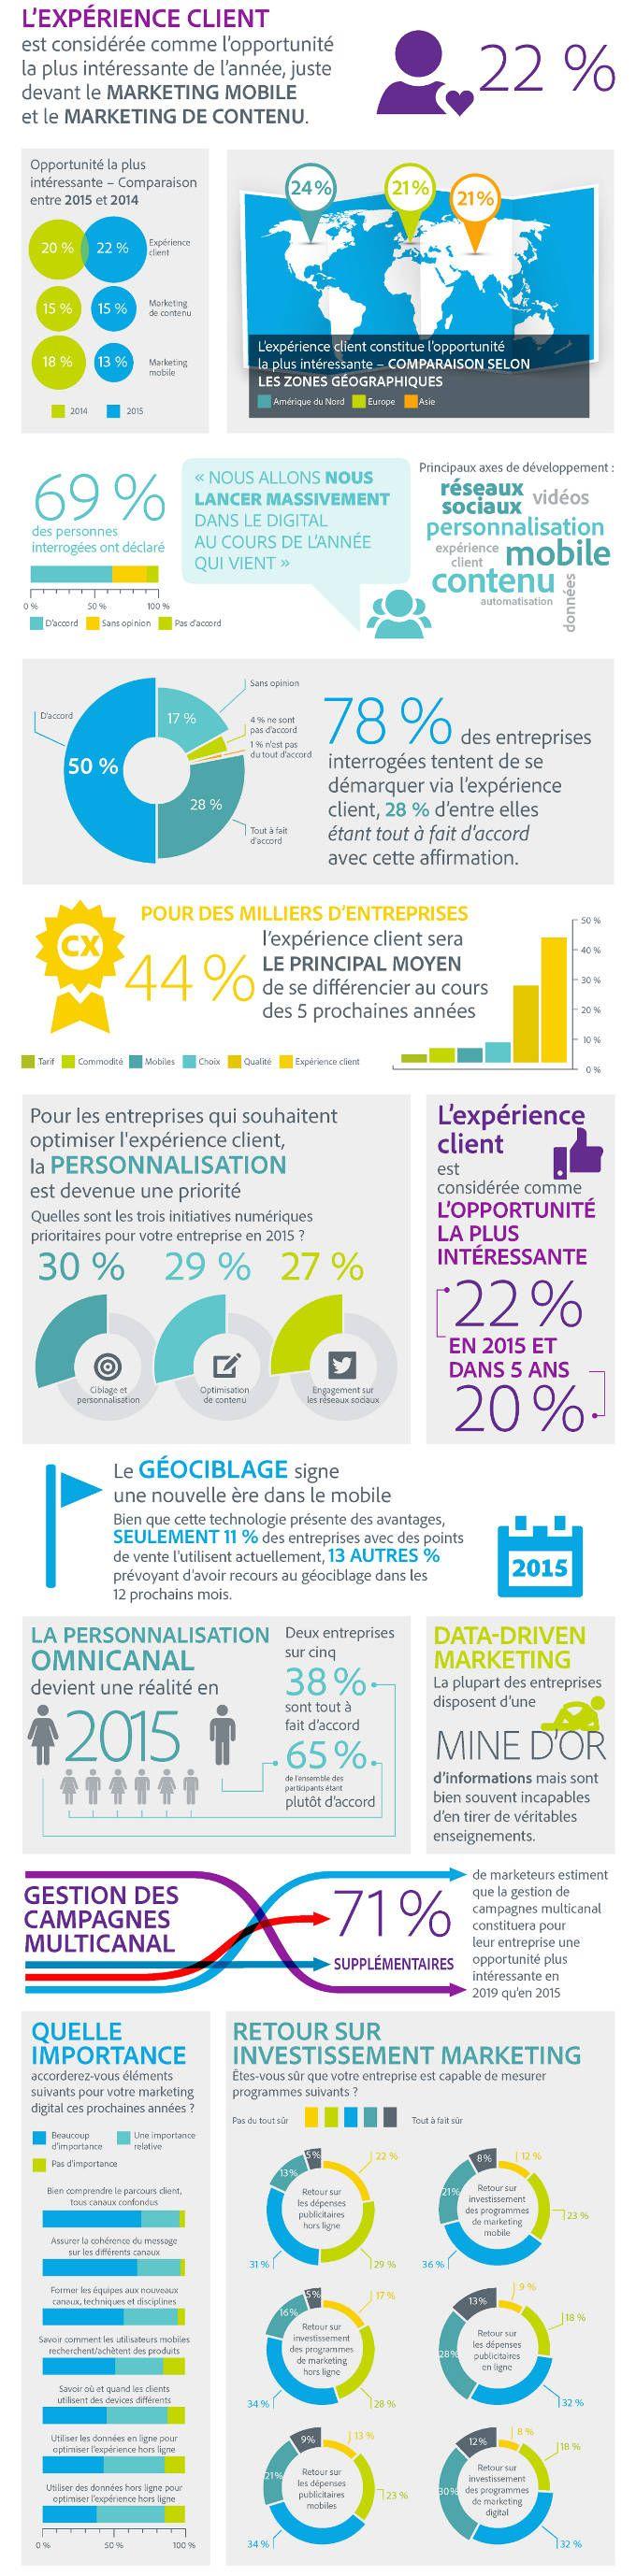 #Infographie L'#expérience client est LA tendance digitale de l'année 2015